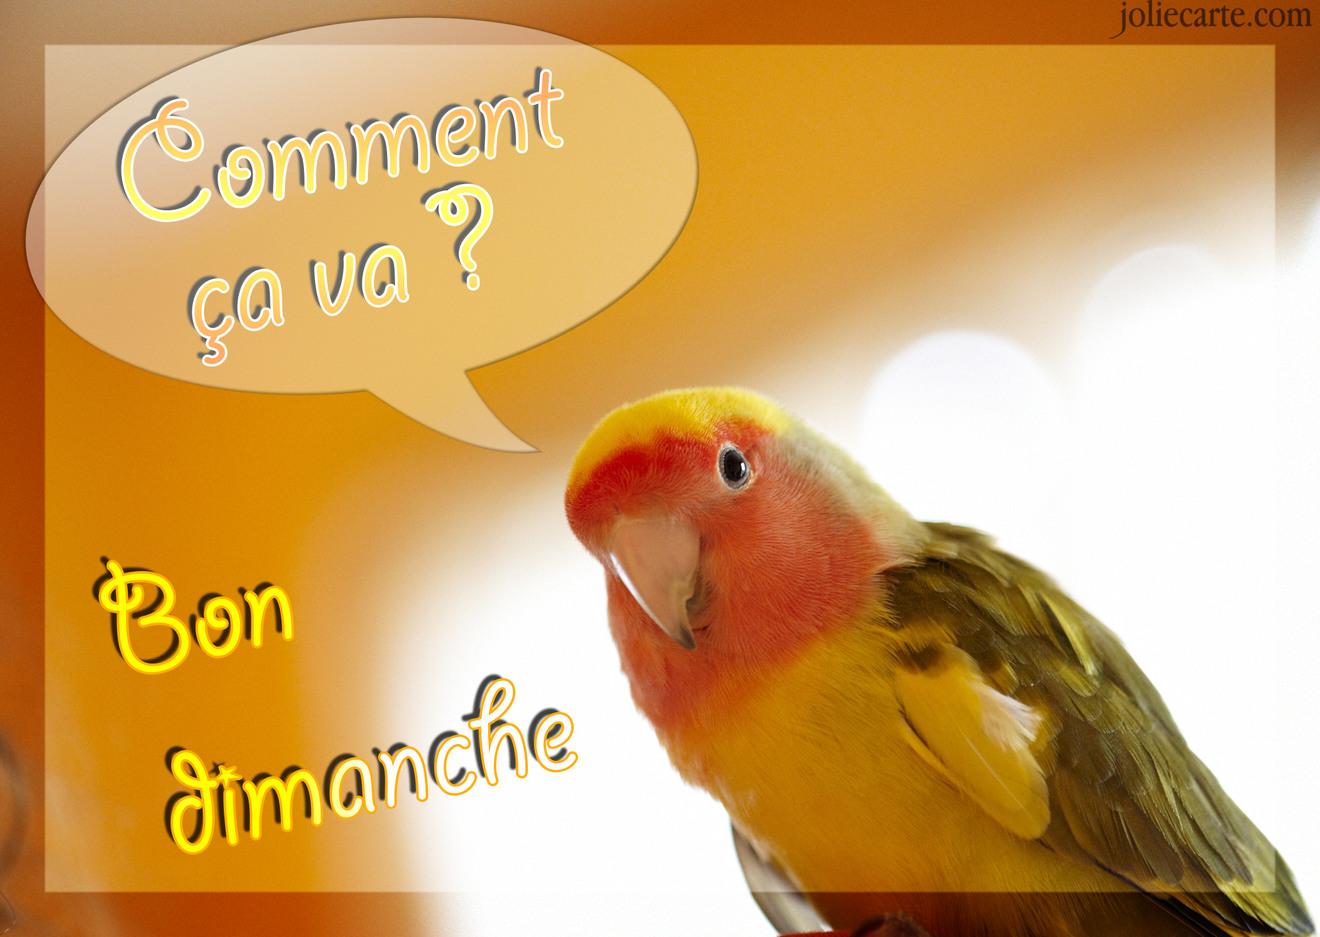 Dimanche 25 février  Dimanche-comment-ca-va